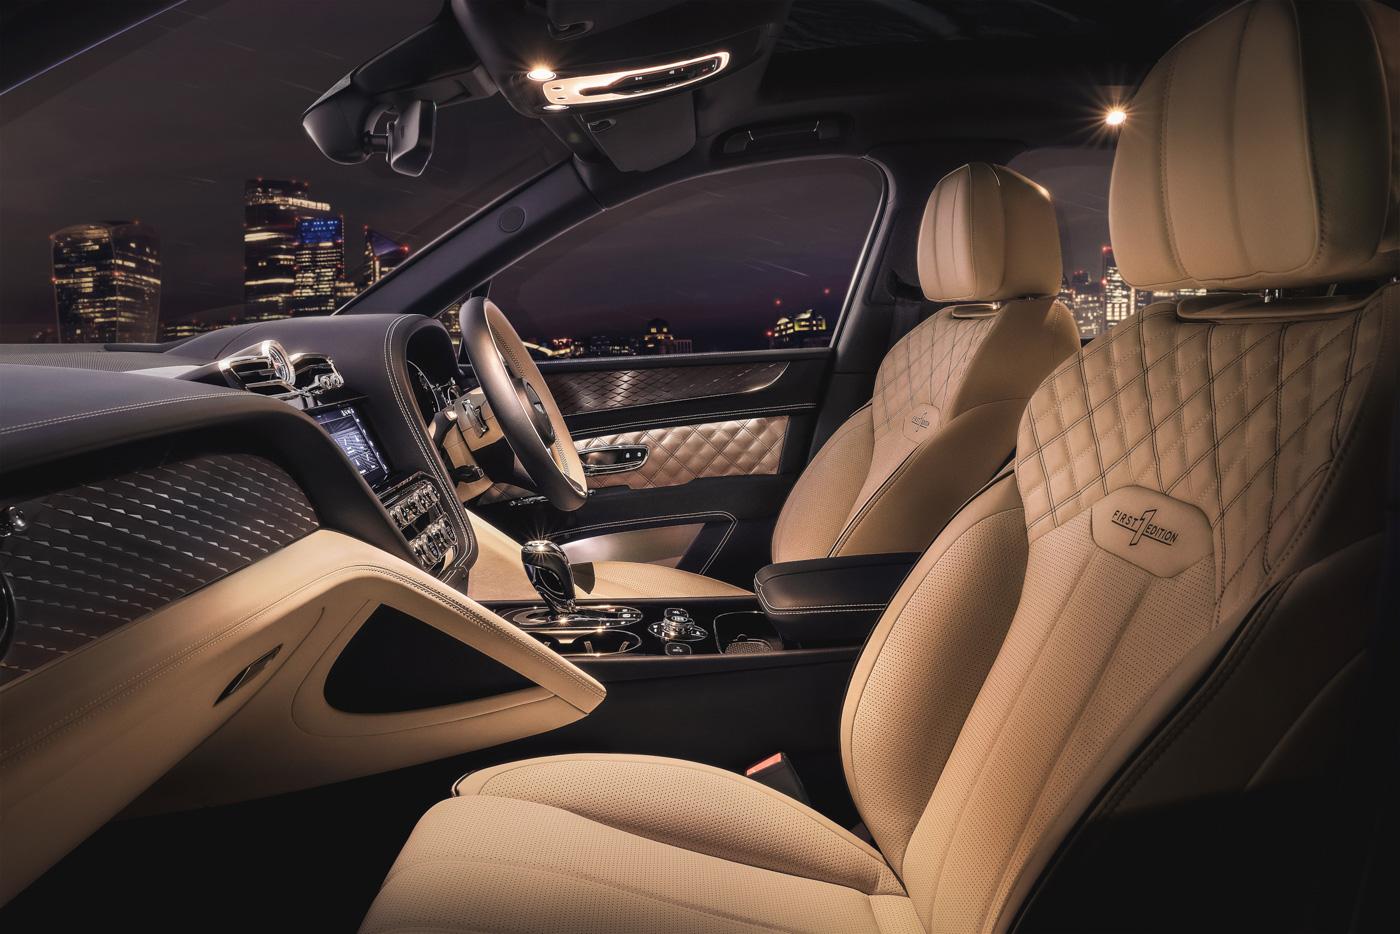 SUV-siêu-sang-Bentley-Bentayga-Hybrid-sẵn-sàng-đến-tay-khách-hàng-tại-Châu-Âu-5.jpg